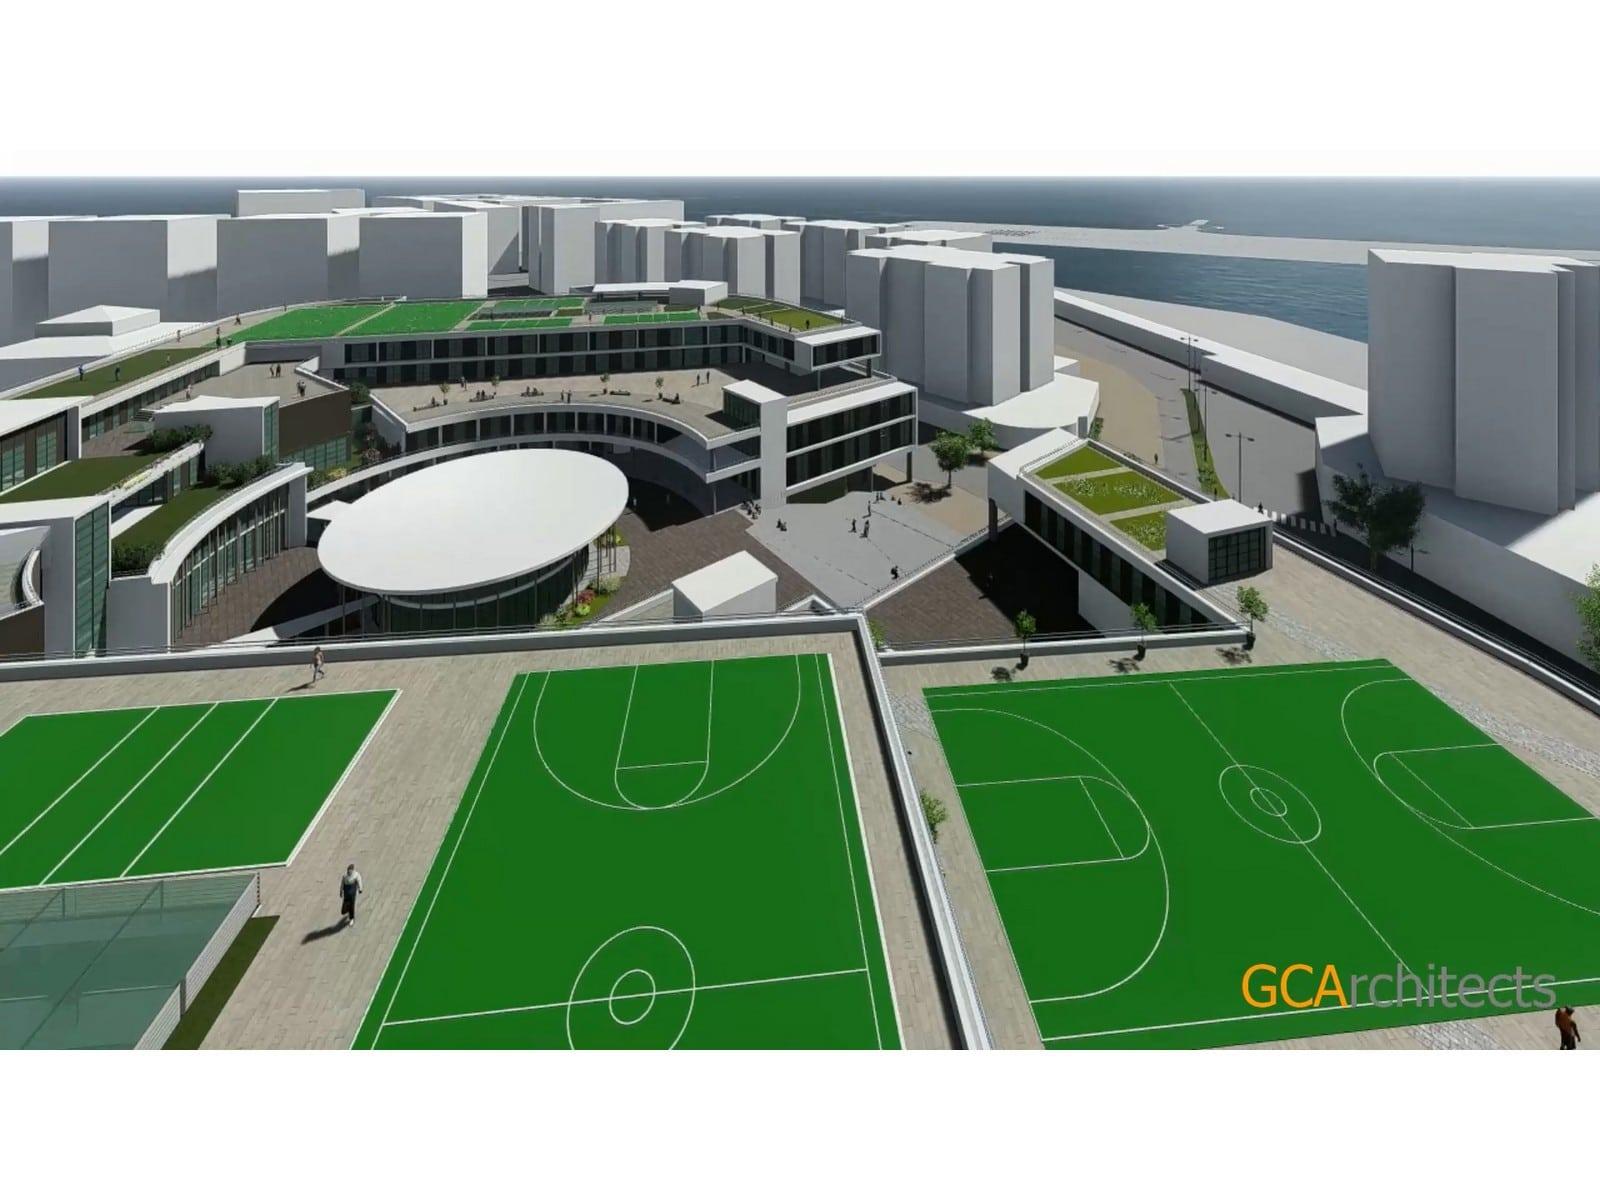 proyecto-de-construccin-de-las-dos-nuevas-escuelas-de-bayside-y-westside-en-waterport-gibraltar_40689988115_o